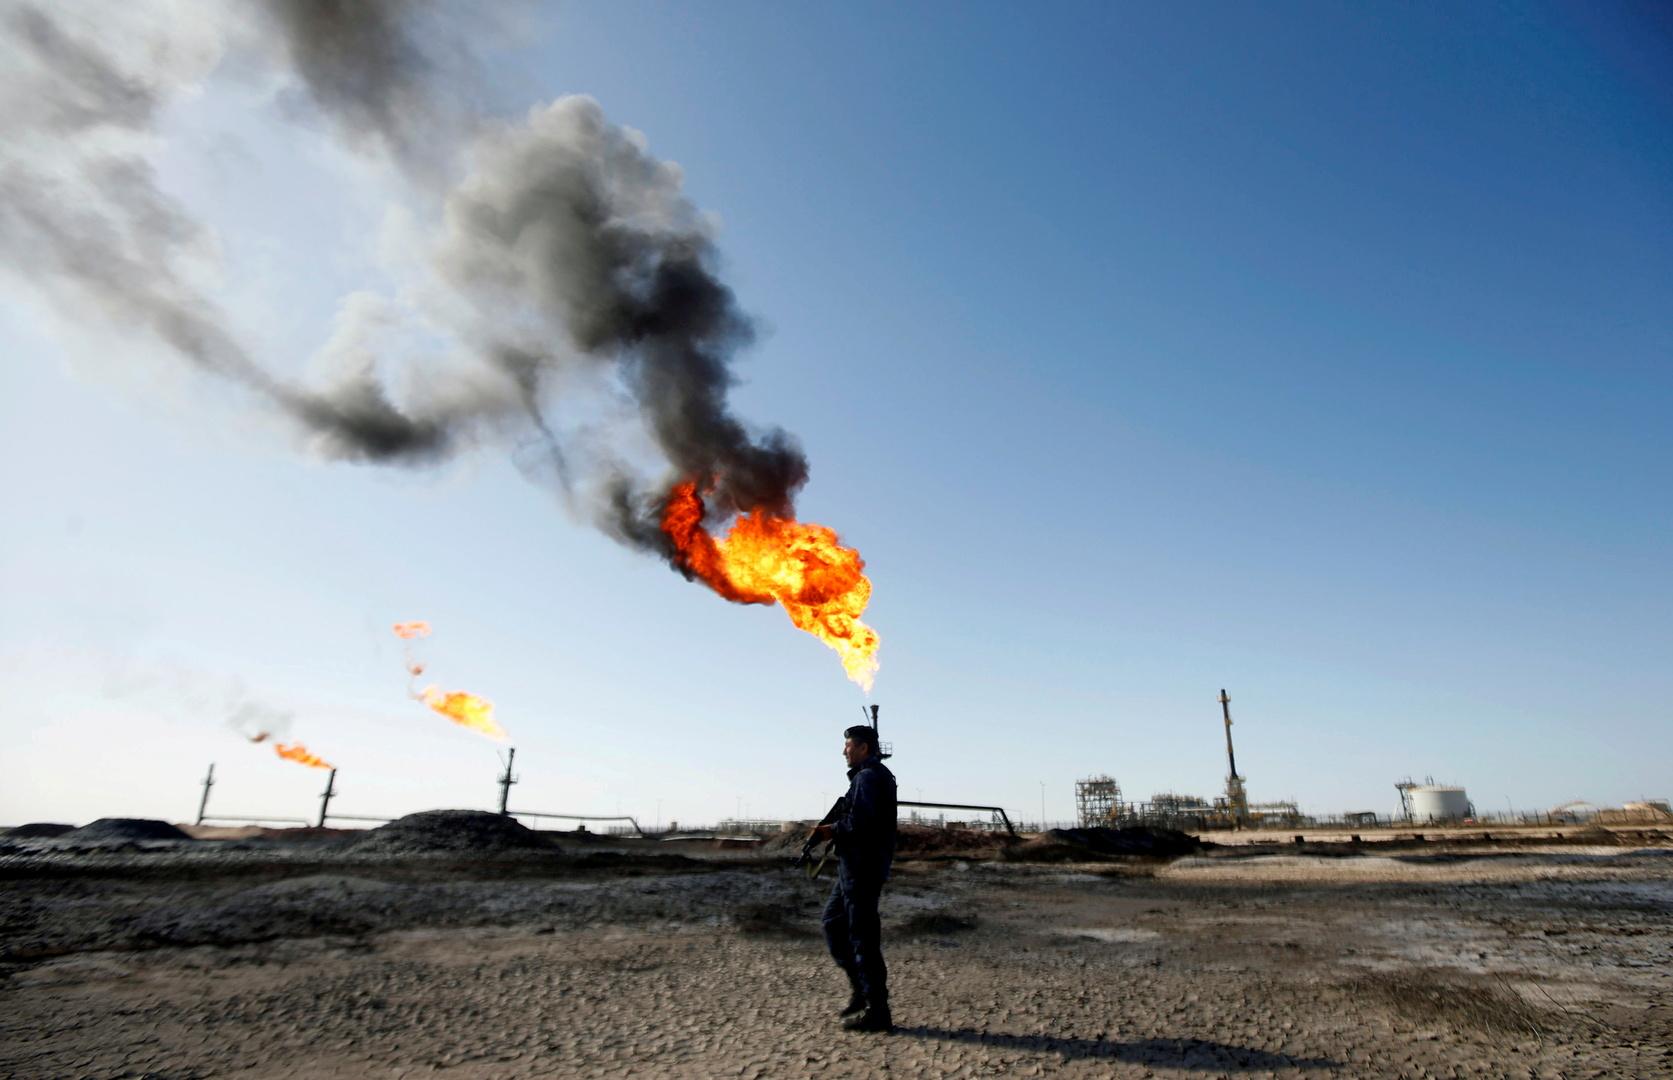 مجلس الوزراء العراقي يوافق على تجديد عقد بيع النفط الخام إلى الأردن